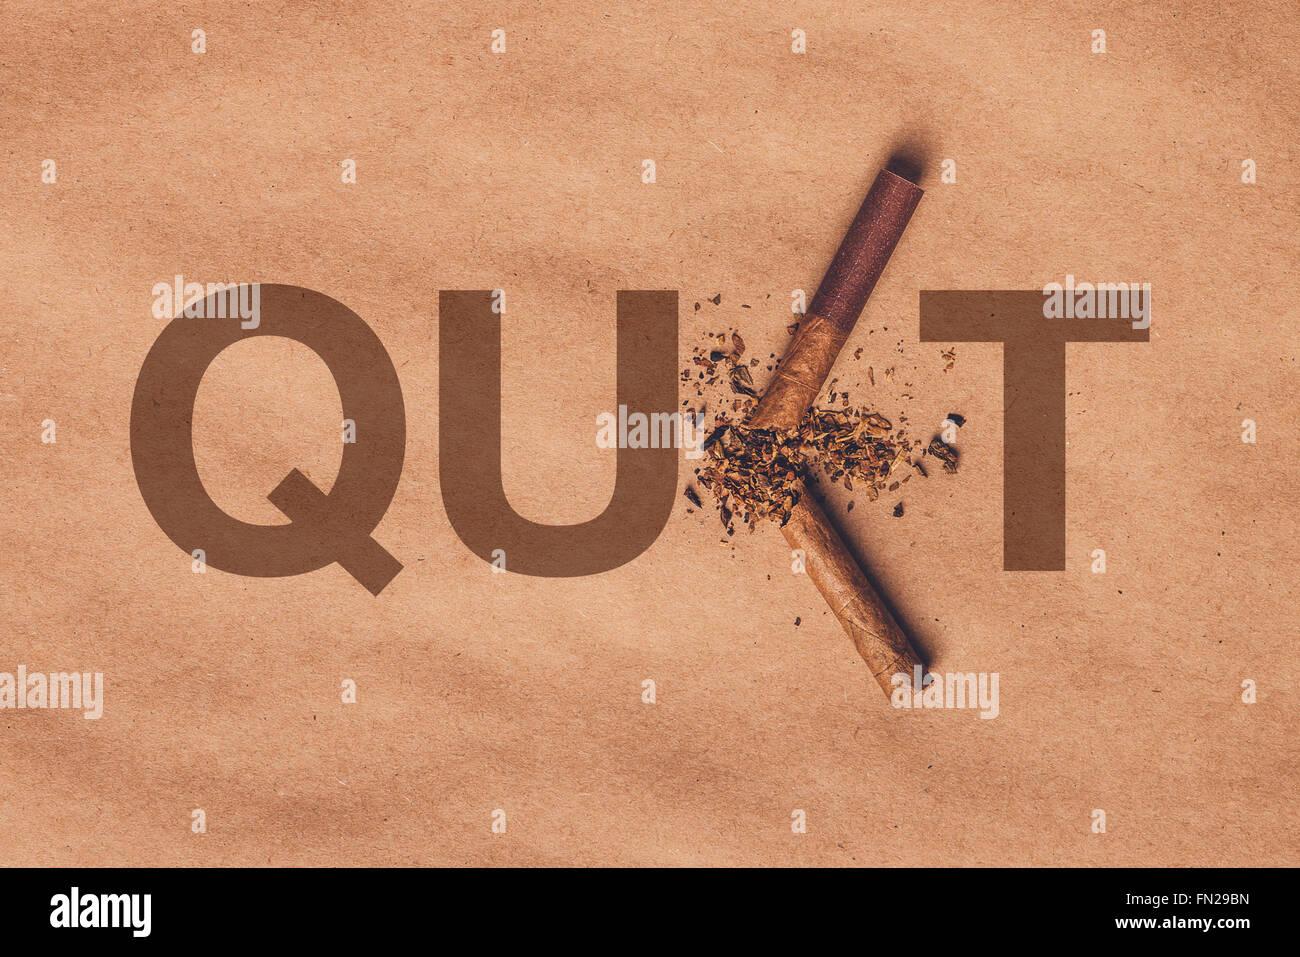 Rotto cigarette top vista su carta marrone, smettere di fumare concetto, calda retrò tono dell'immagine. Immagini Stock